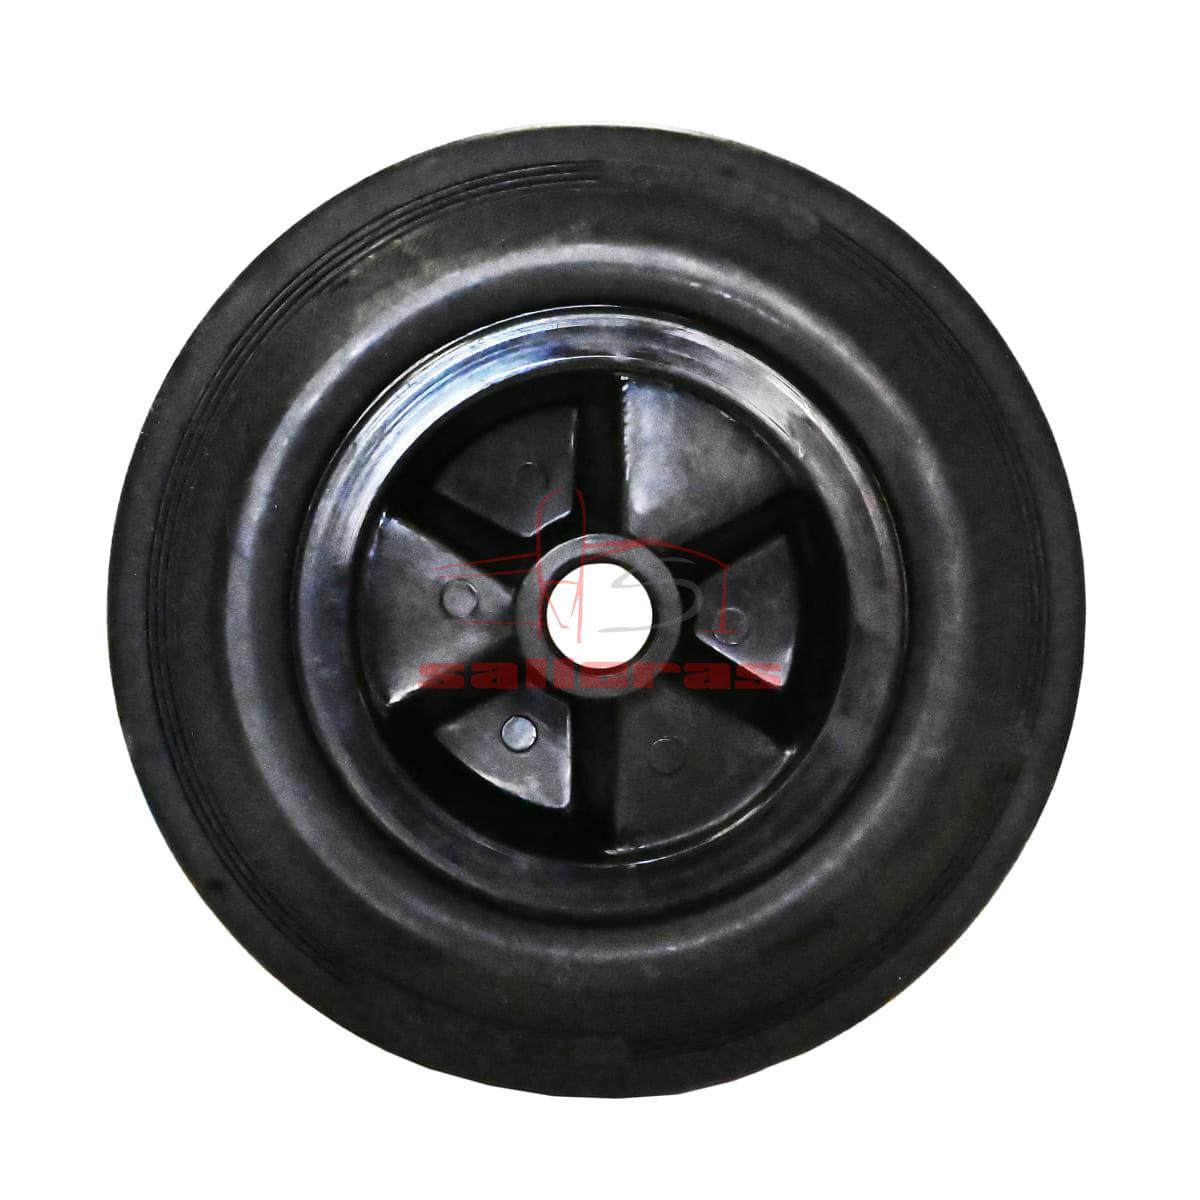 Dos ruedas negras de goma con agujero para vagoneta